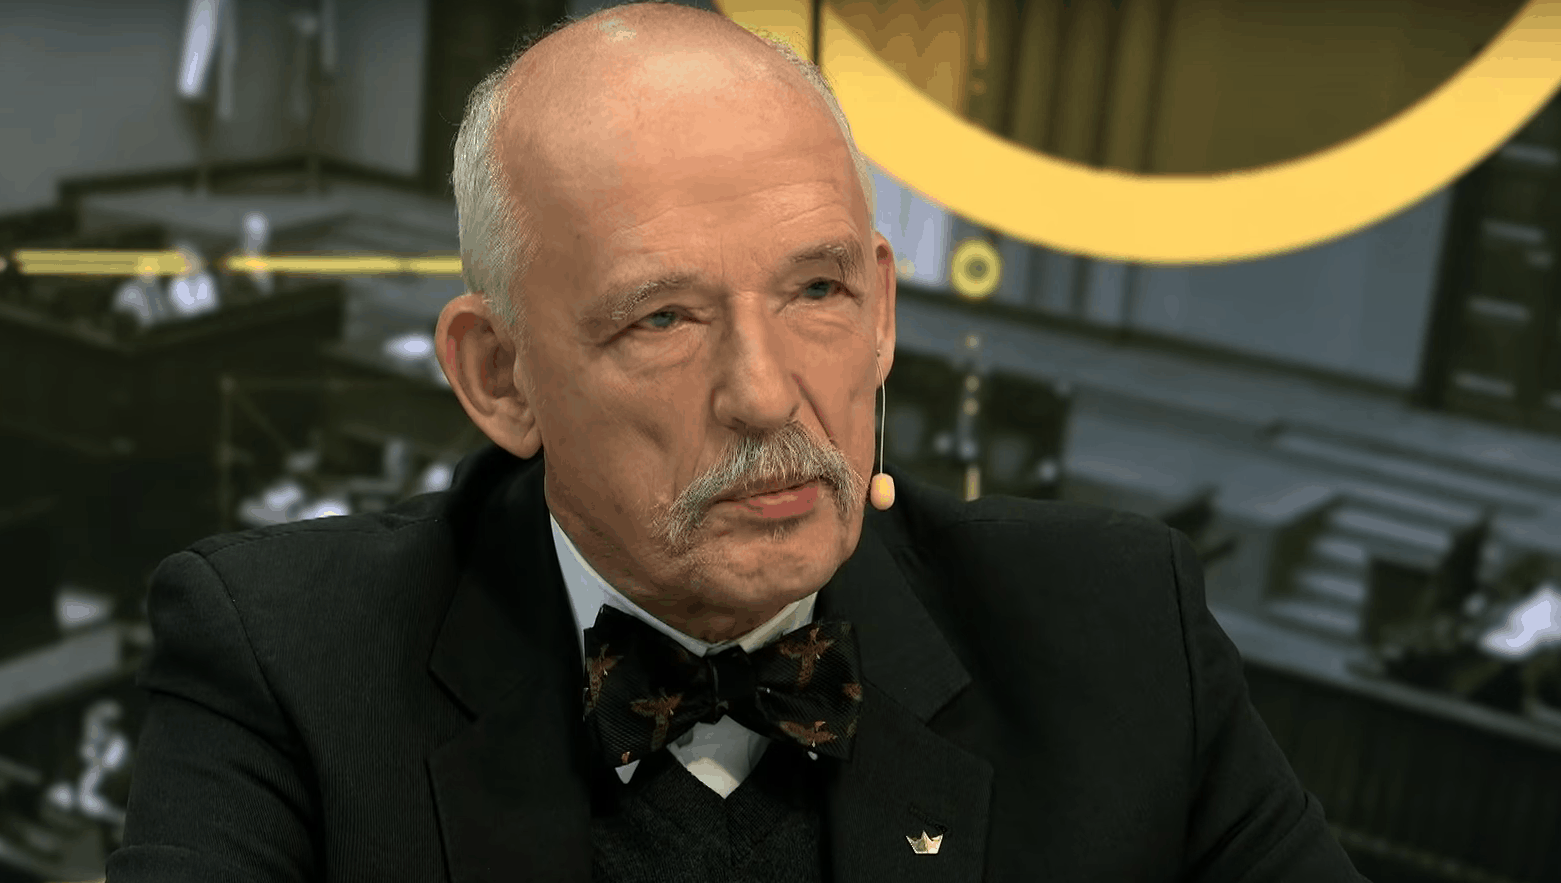 Eliza Michalik w rozmowie z Januszem Korwin Mikke nawiązała do jego wypowiedzi na temat pedofilii, dziennikarka odniosła się do córki polityka.